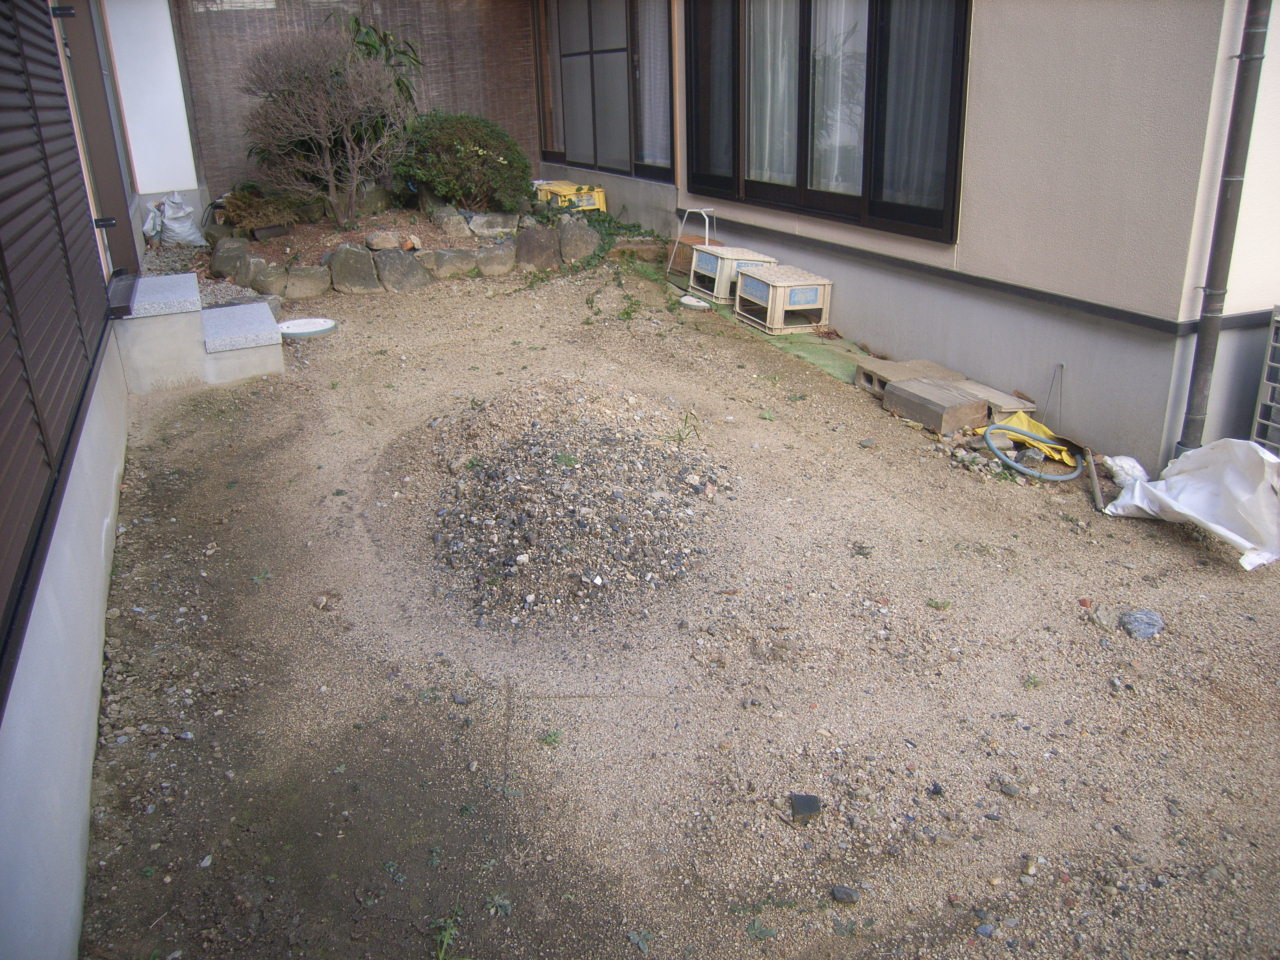 四季折々の庭木を楽しむ日本庭園 石組工事 BEFORE